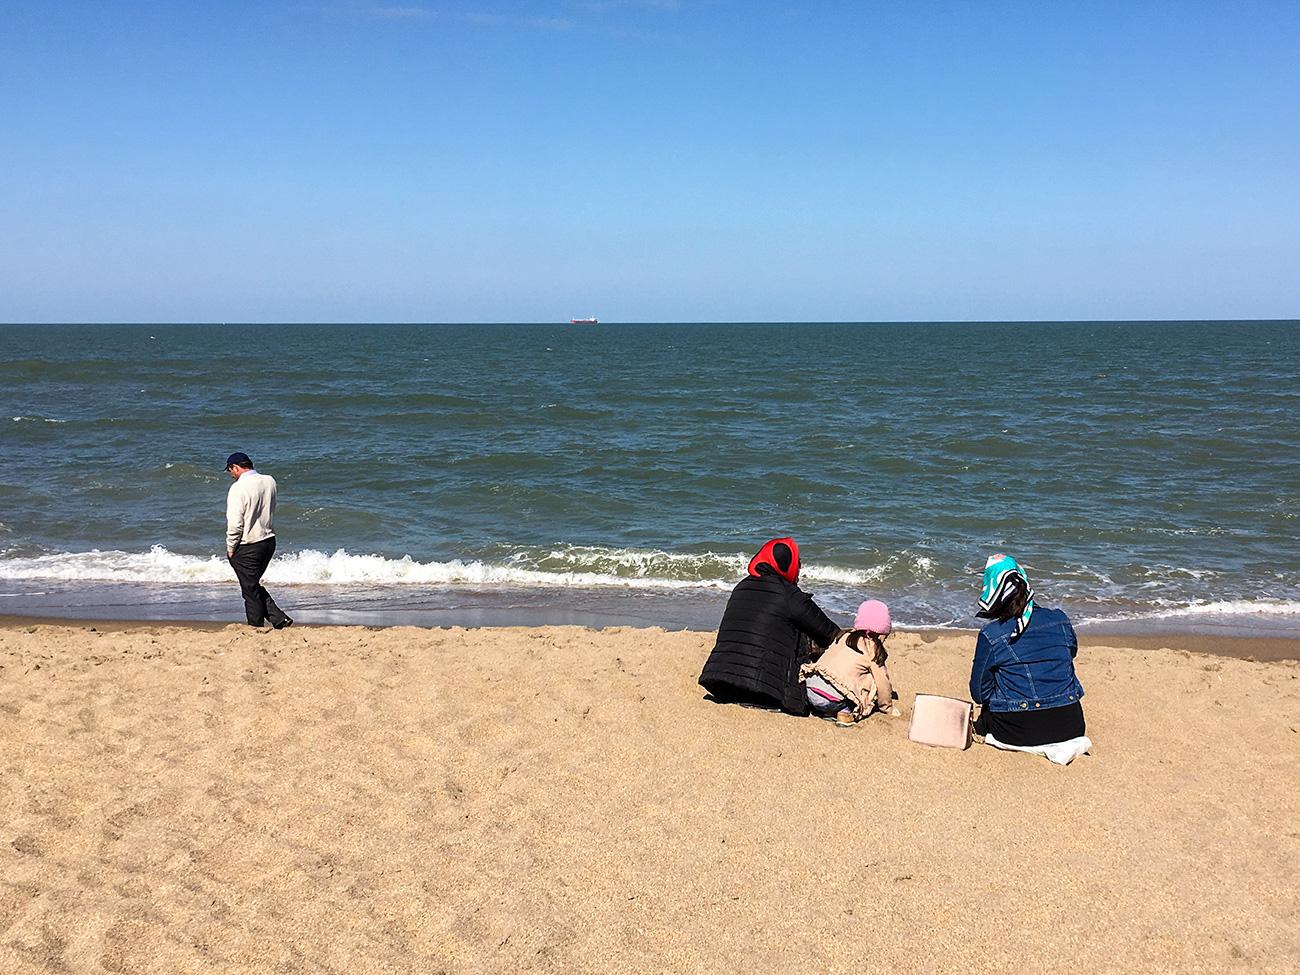 Les plages bouillonnent d'activité l'après-midi. Outre se baigner et bronzer, on peut y faire connaissance, jouer aux dominos et même faire des paris. La ville possède une plage spéciale pour les femmes, Gorianka, mais nombre d'entre elles préfèrent les plages publiques.